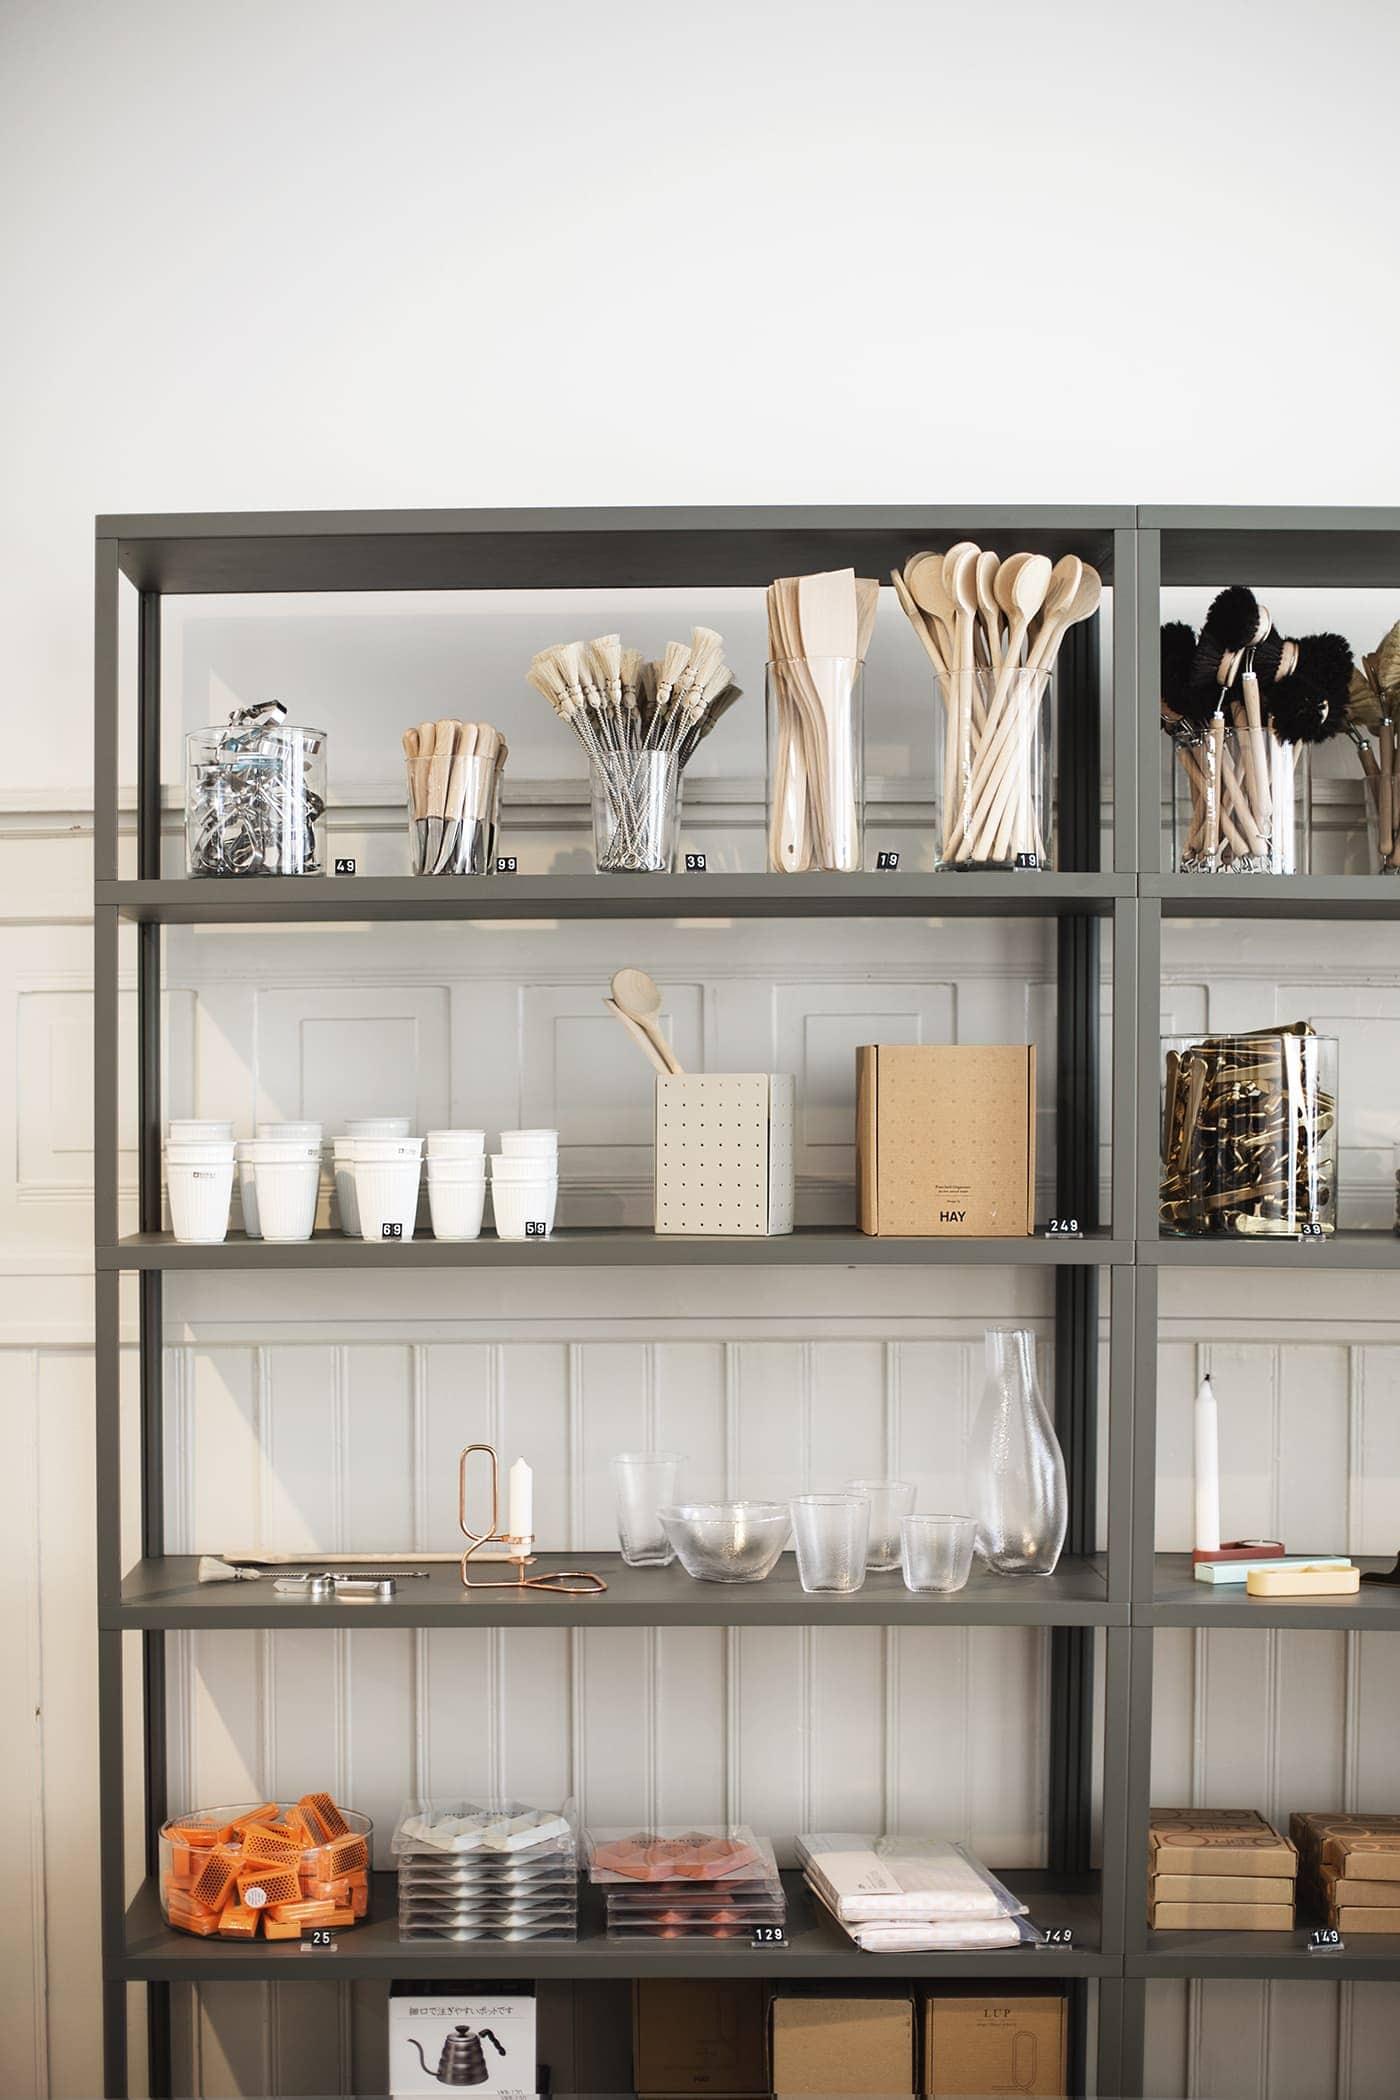 Copenhagen | wanderlust | HAY utility shelves